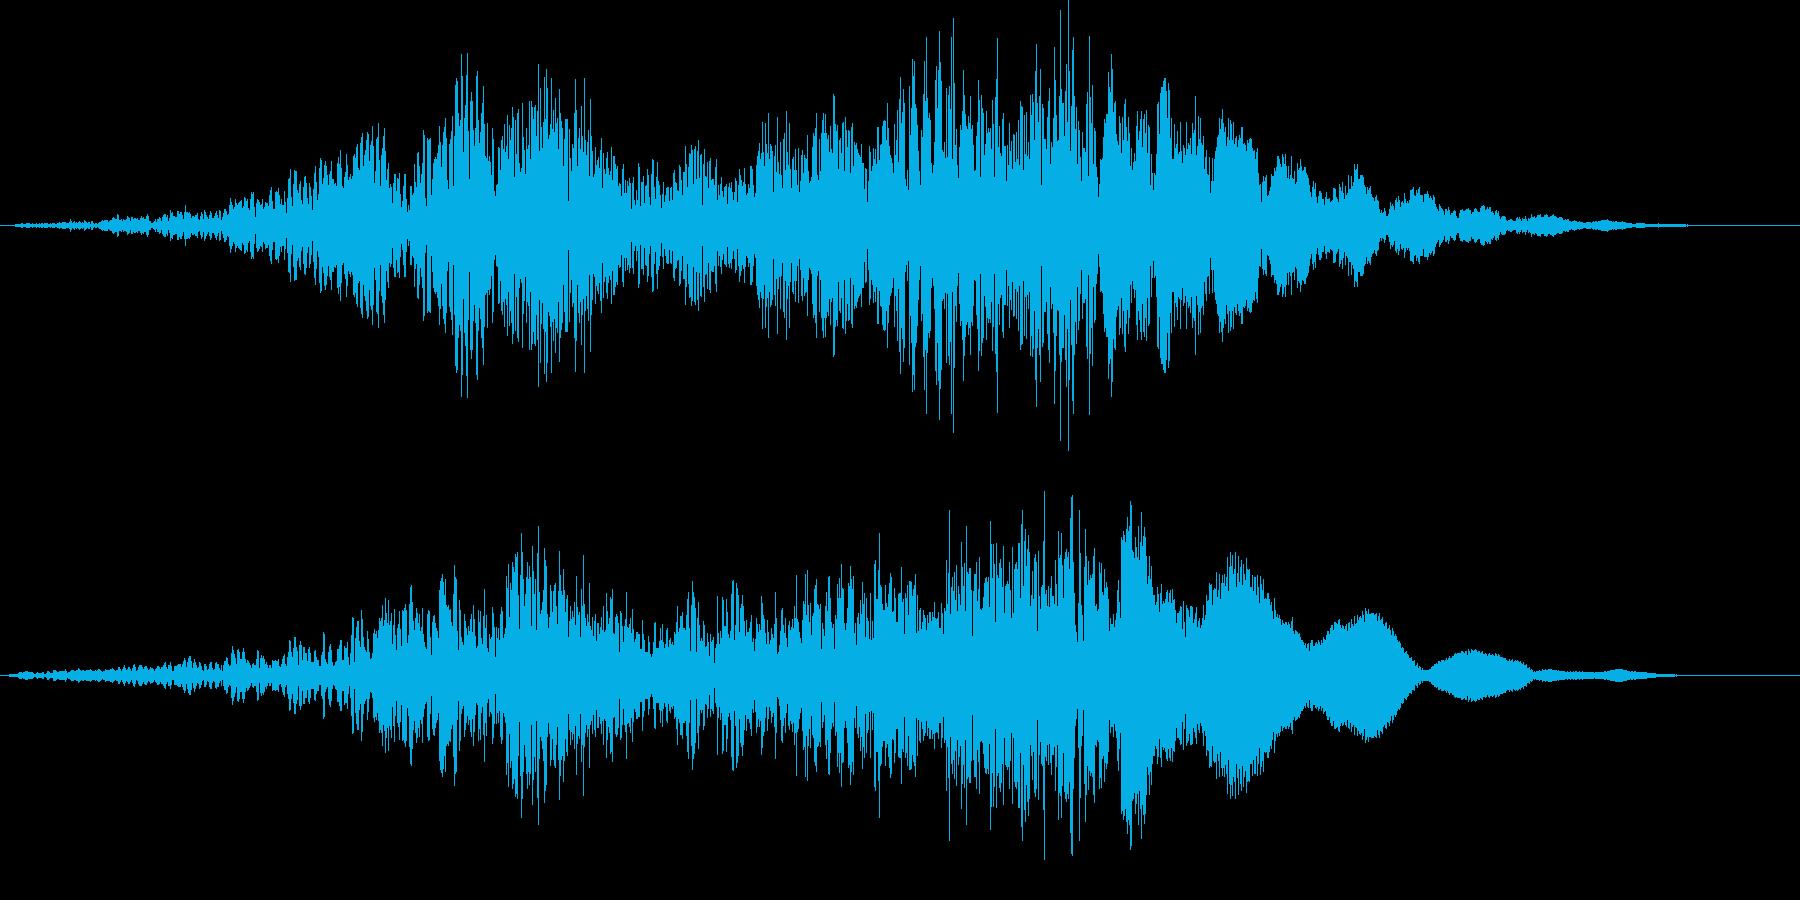 【ホラーゲーム】電波交信シーン_無線の再生済みの波形